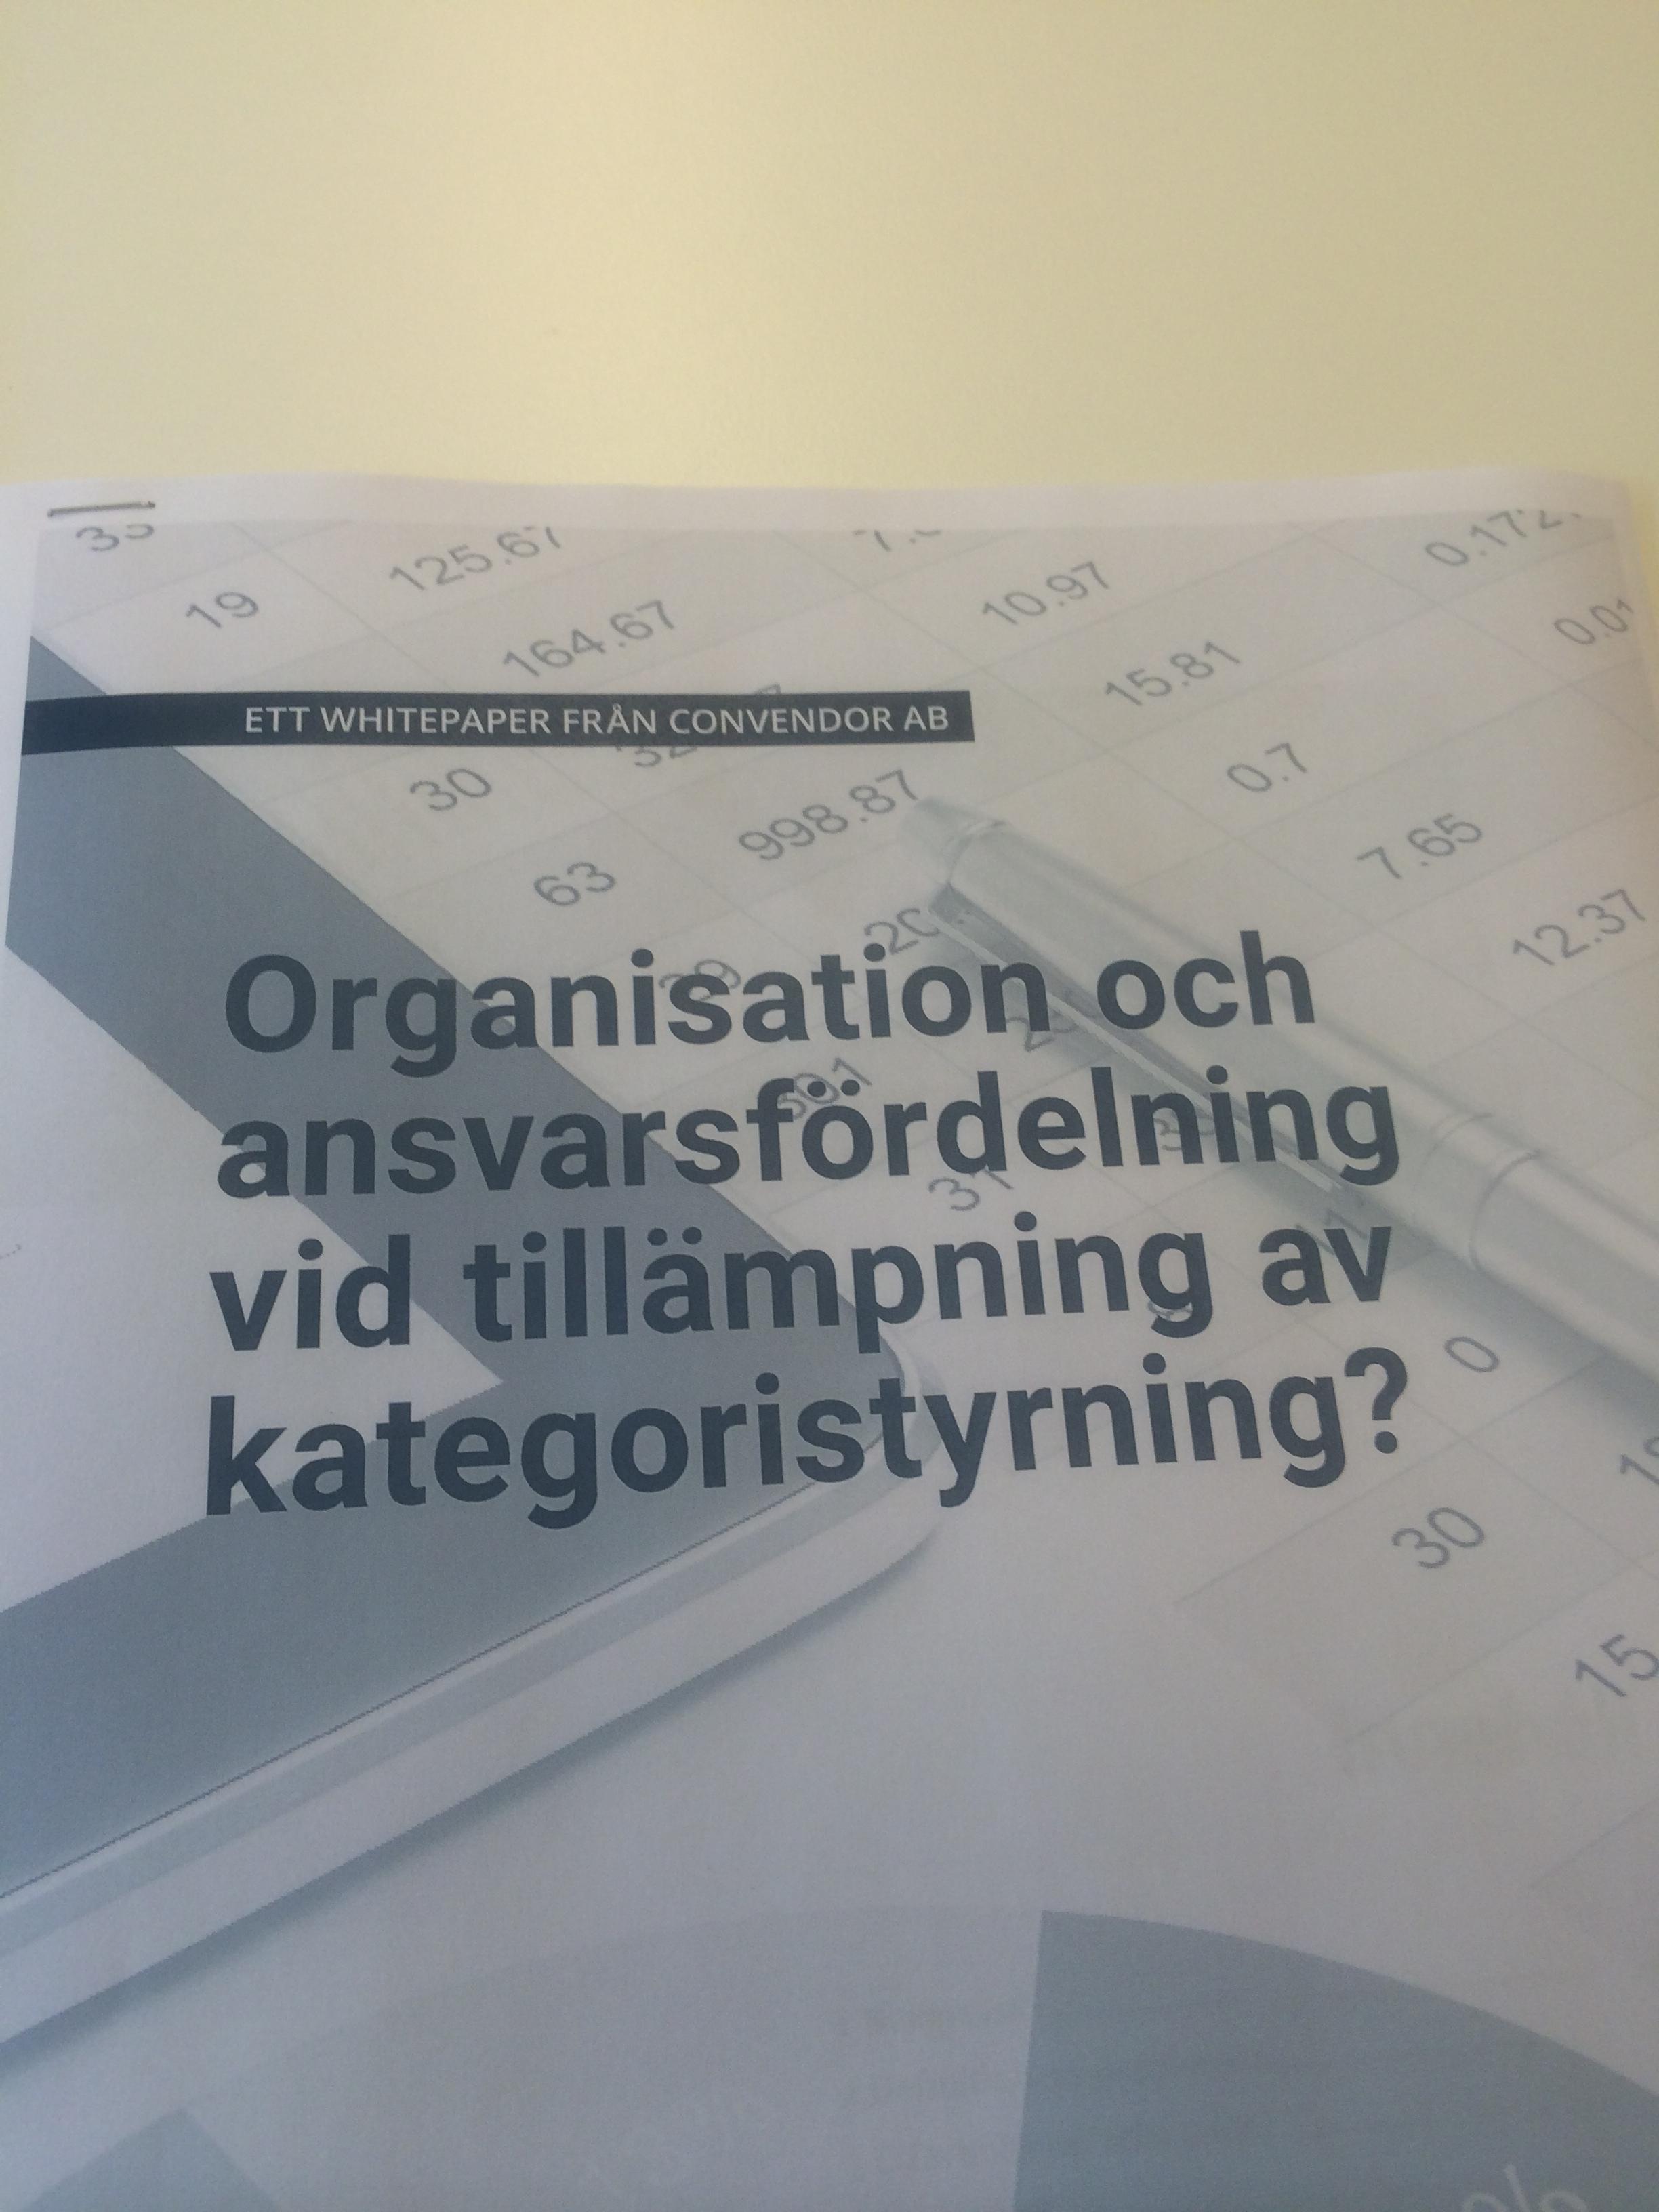 Whitepaper om organisation och ansvarsfördelning